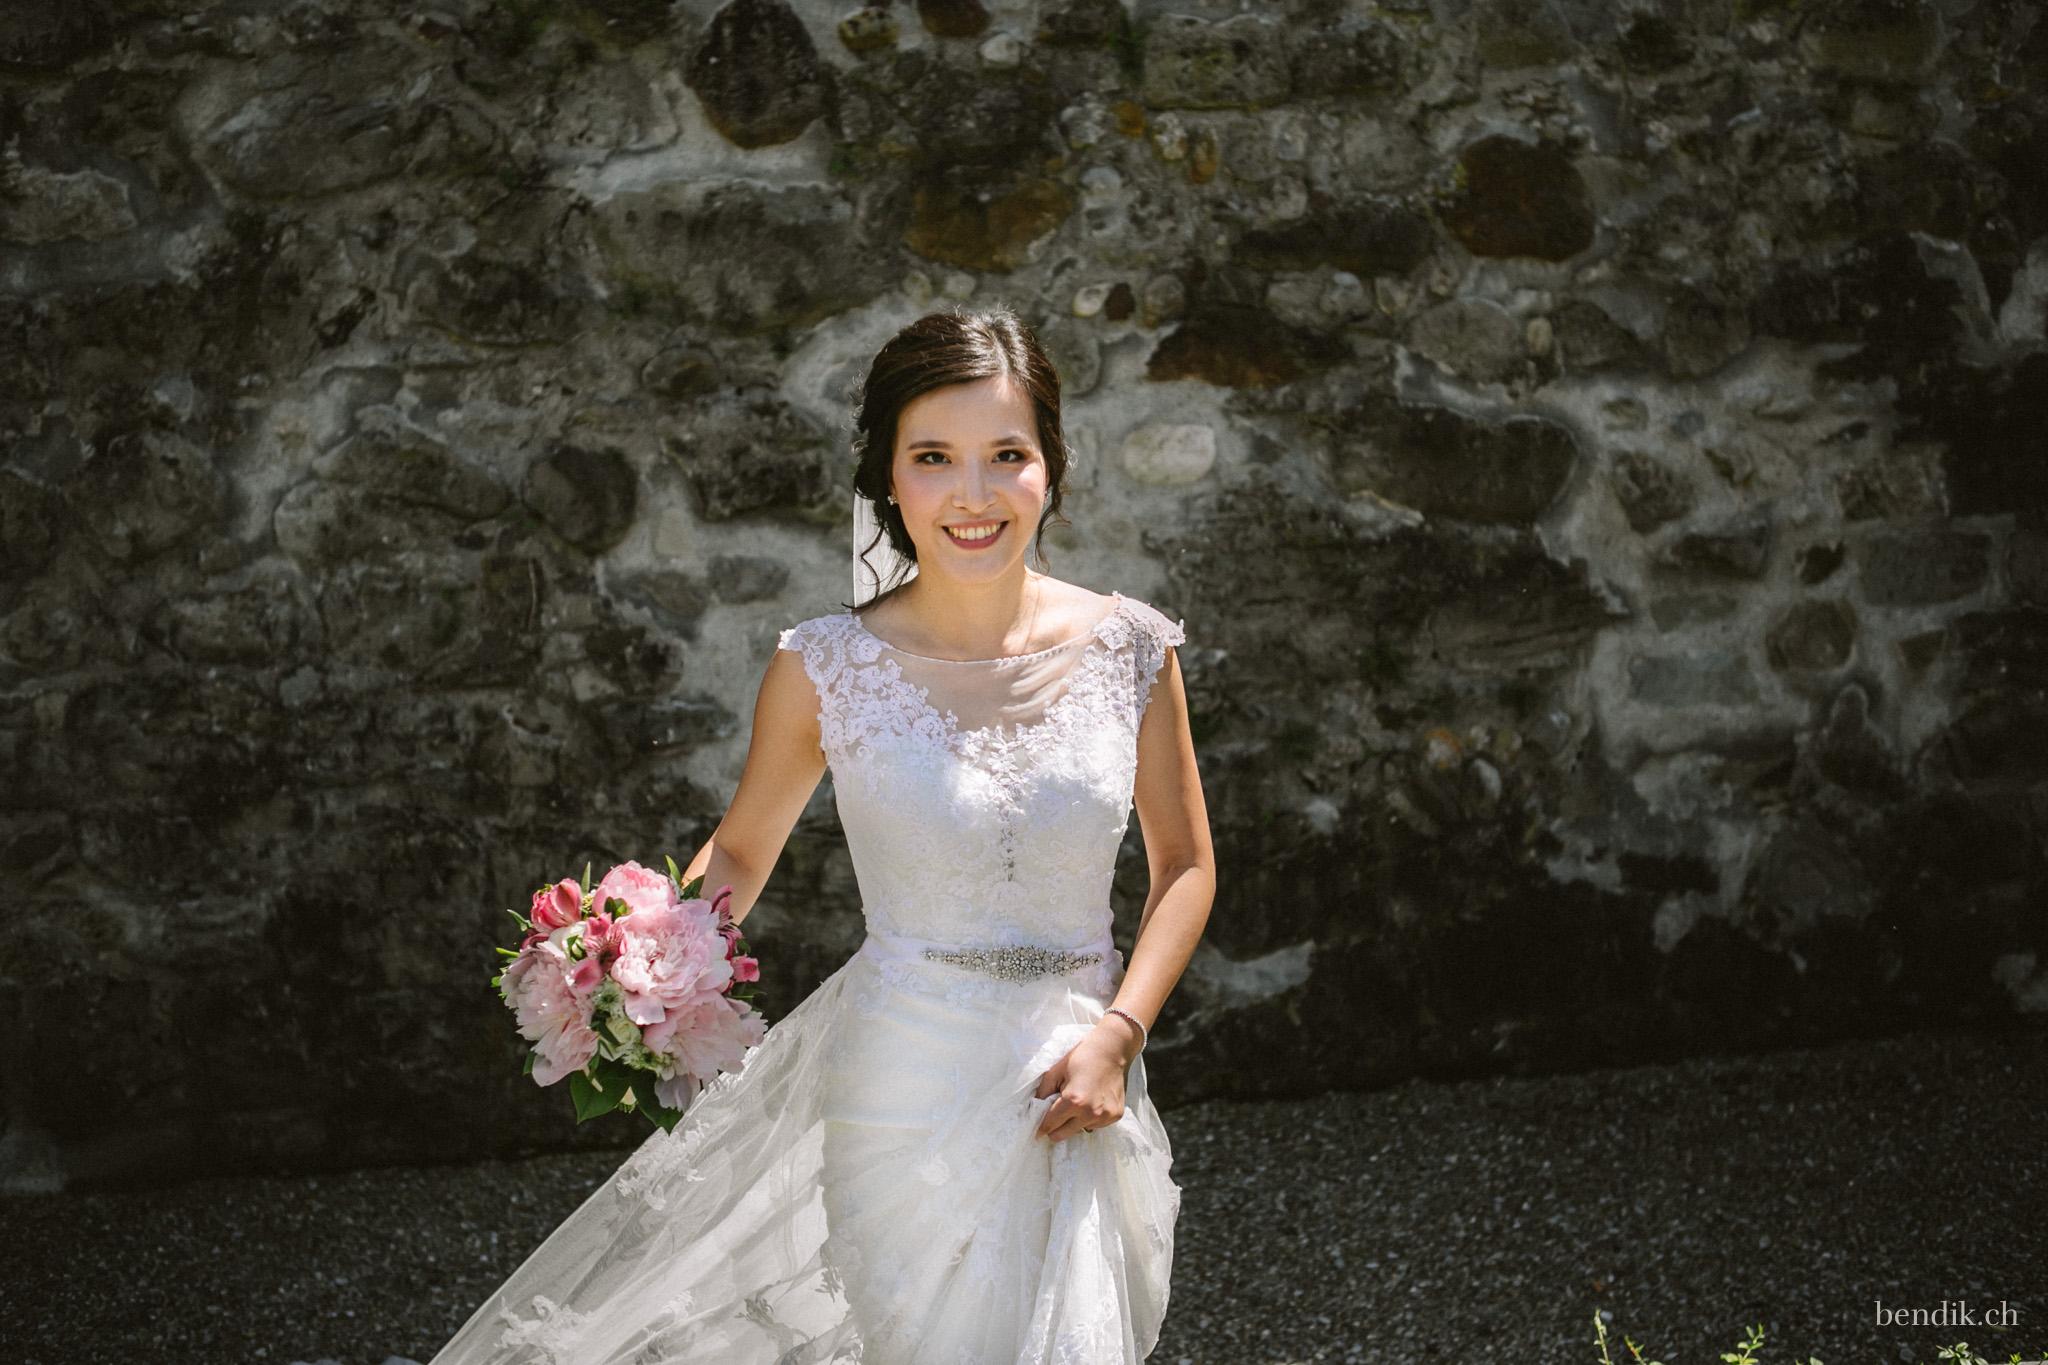 Braut mit Brautstrauss und weissem Hochzeitskleid